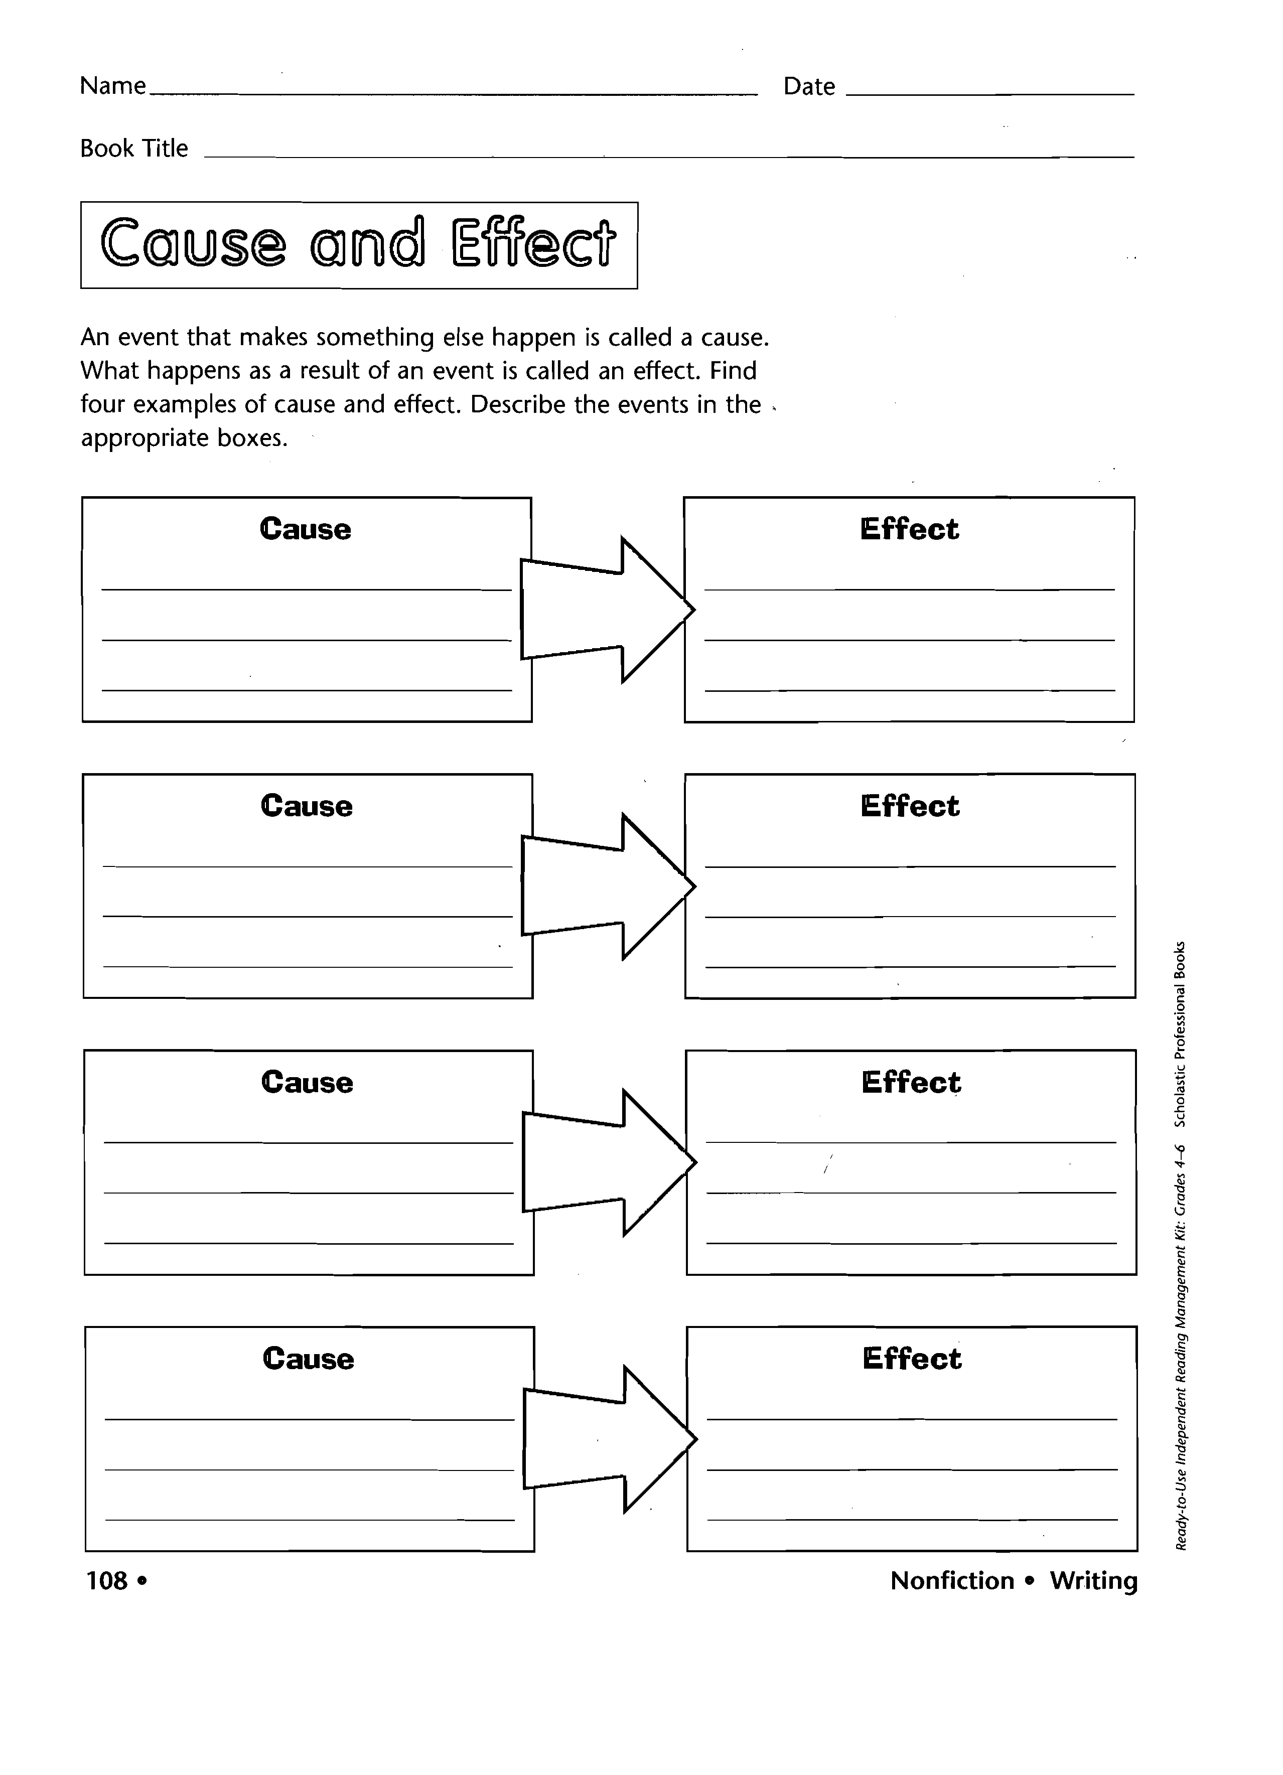 Graphic Organizers Printable | Printable Cause Effect Graphic - Free Printable Graphic Organizers